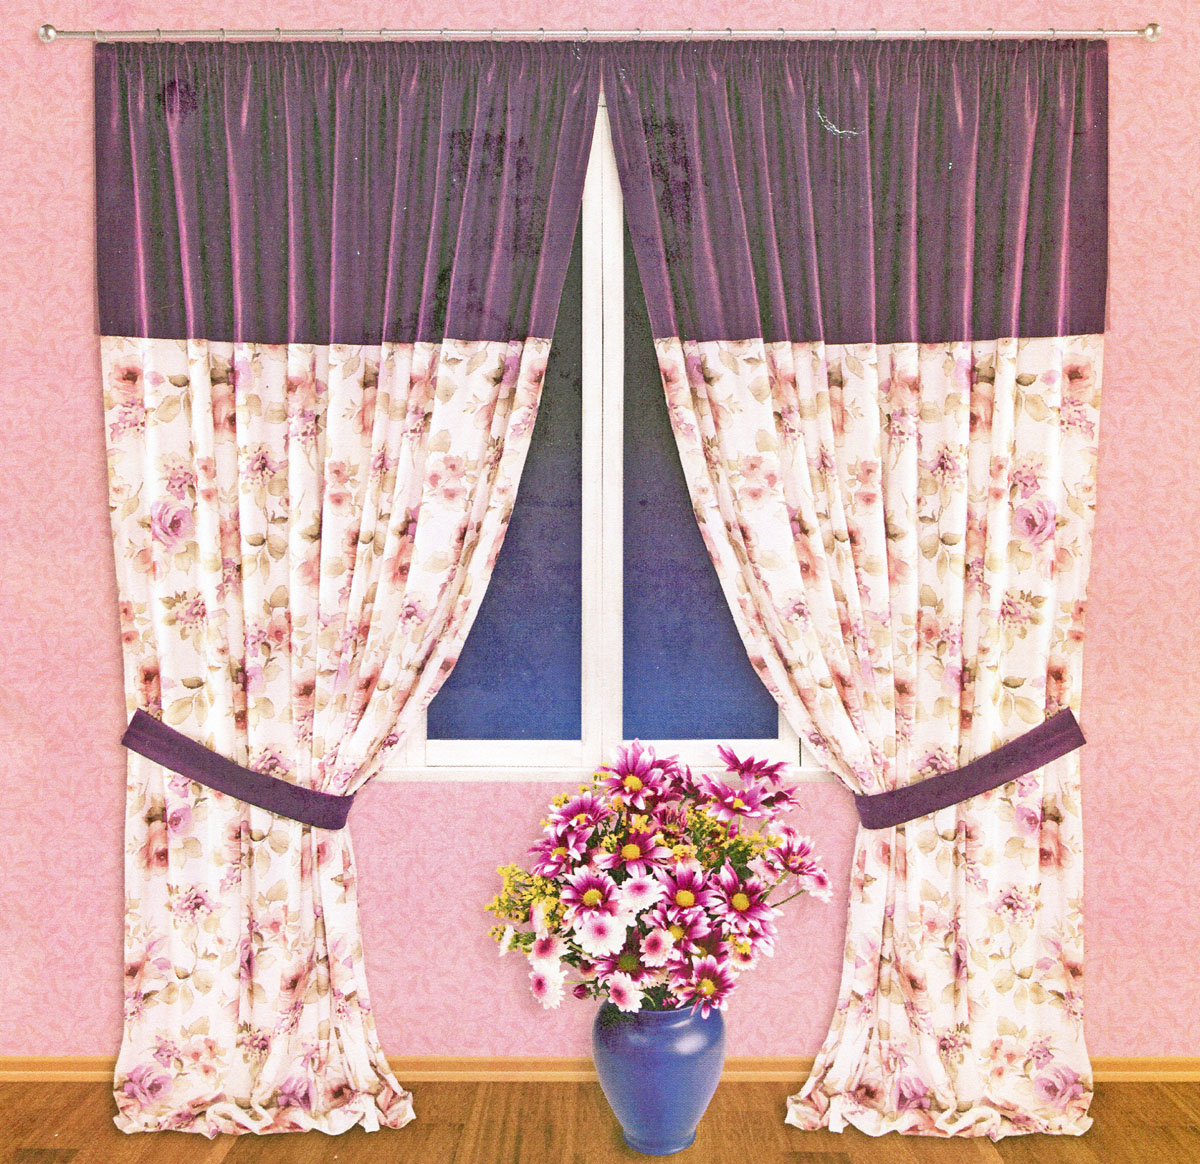 Комплект штор Zlata Korunka, на ленте, цвет: фиолетовый, высота 250 см. 5552020153-4Роскошный комплект тюлевых штор Zlata Korunka, выполненный из сатина (100% полиэстера), великолепно украсит любое окно. Комплект состоит из двух портьер и двух подхватов. Плотная ткань, цветочный принт и приятная, приглушенная гамма привлекут к себе внимание и органично впишутся в интерьер помещения. Комплект крепится на карниз при помощи шторной ленты, которая поможет красиво и равномерно задрапировать верх. Портьеры можно зафиксировать в одном положении с помощью двух подхватов. Этот комплект будет долгое время радовать вас и вашу семью! В комплект входит: Портьера: 2 шт. Размер (ШхВ): 200 см х 250 см. Подхват: 2 шт. Размер (ШхВ): 60 см х 10 см.